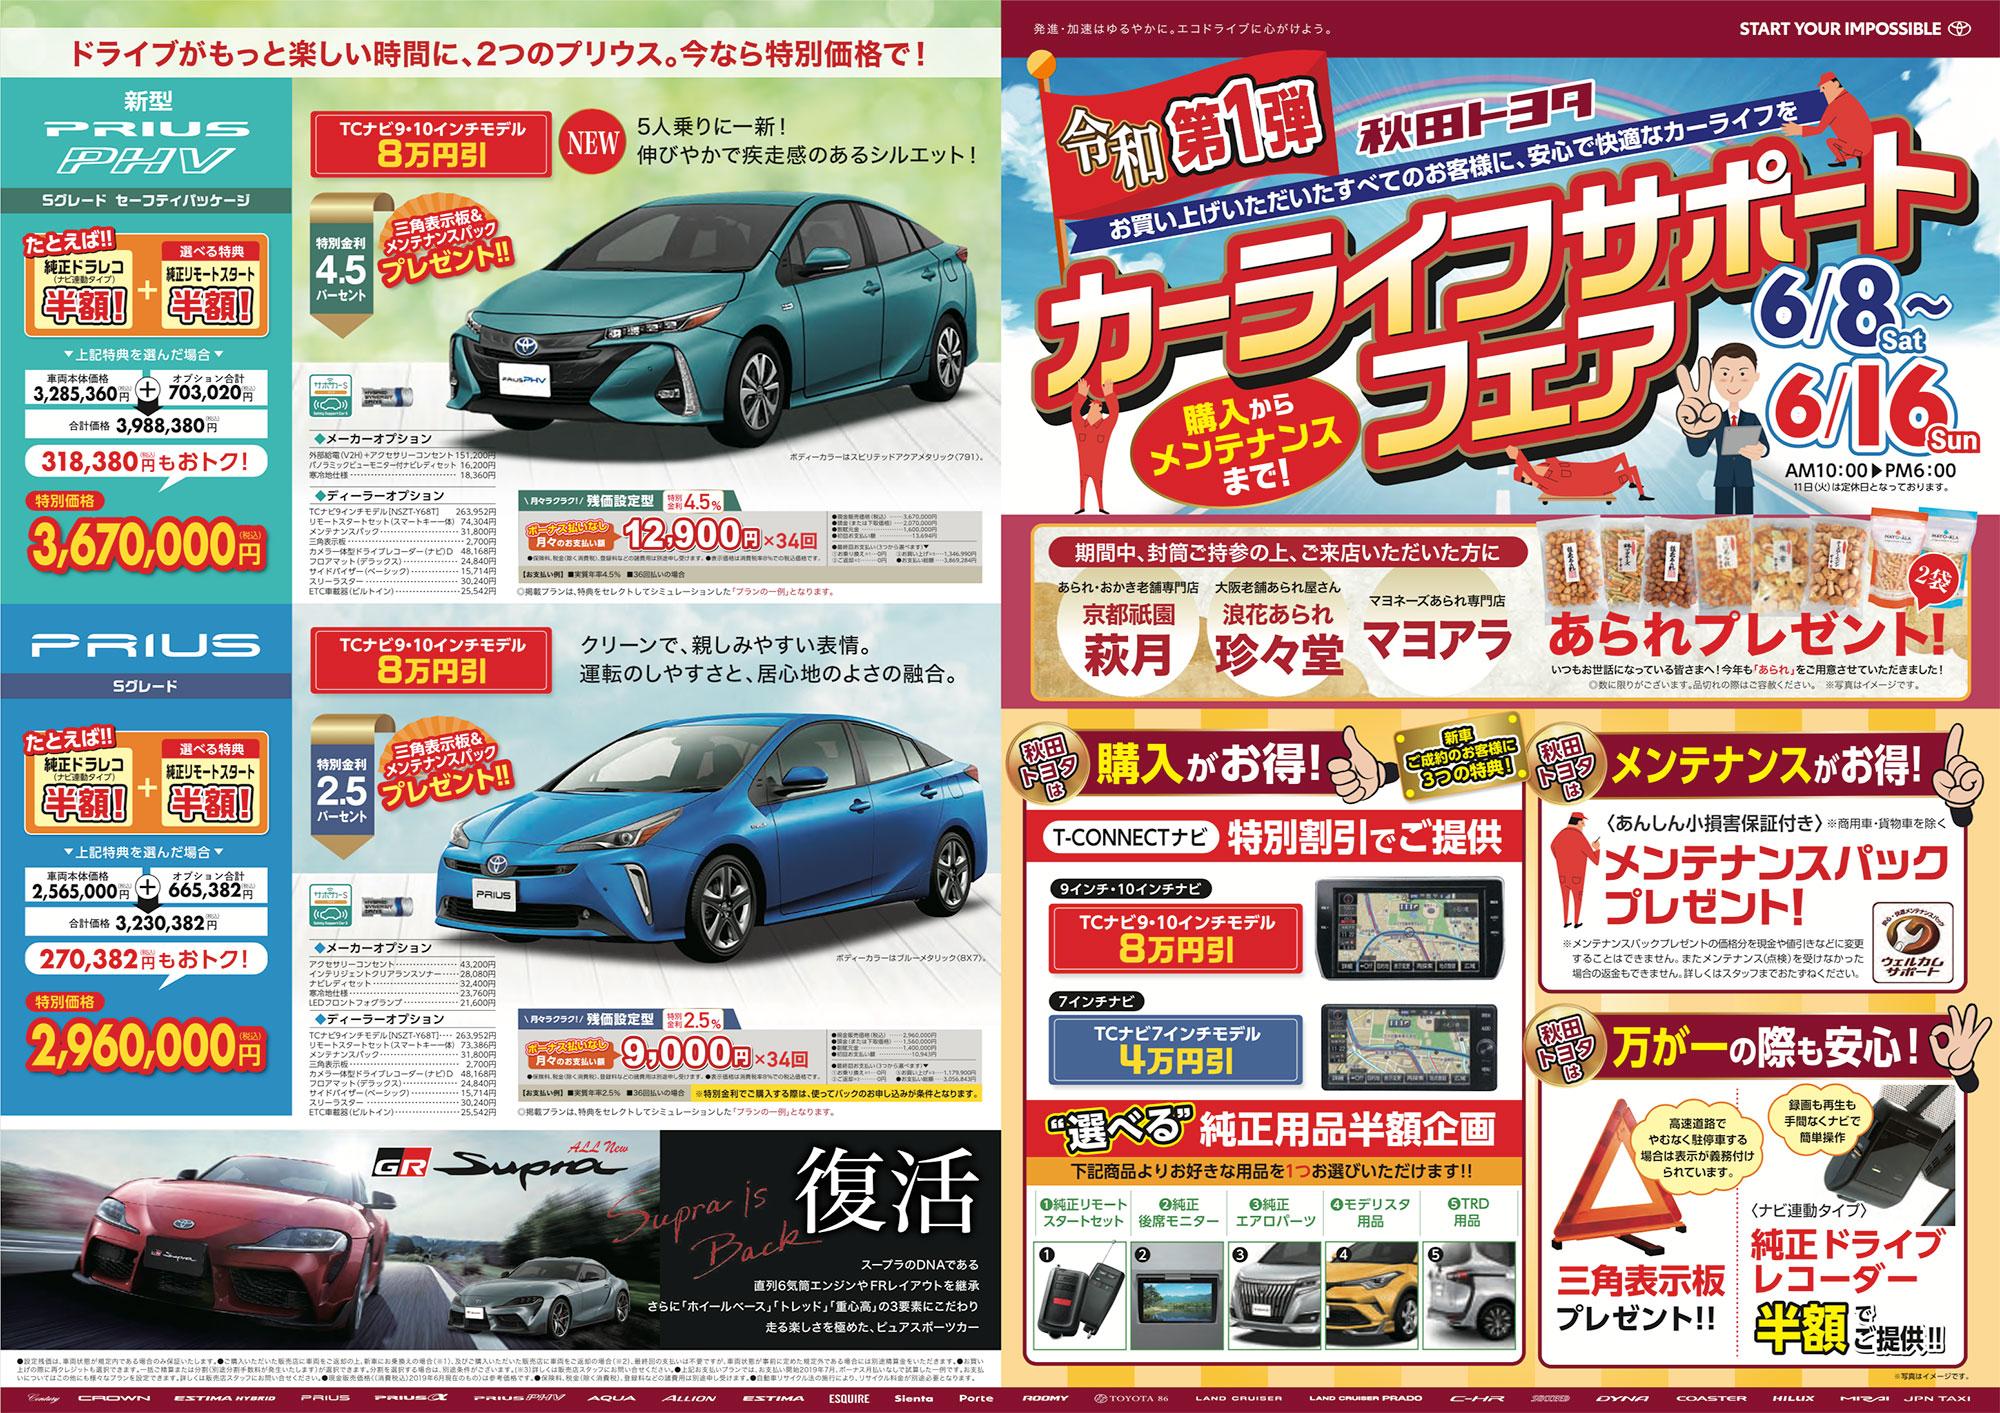 令和第一弾 秋田トヨタ カーライフサポートフェア